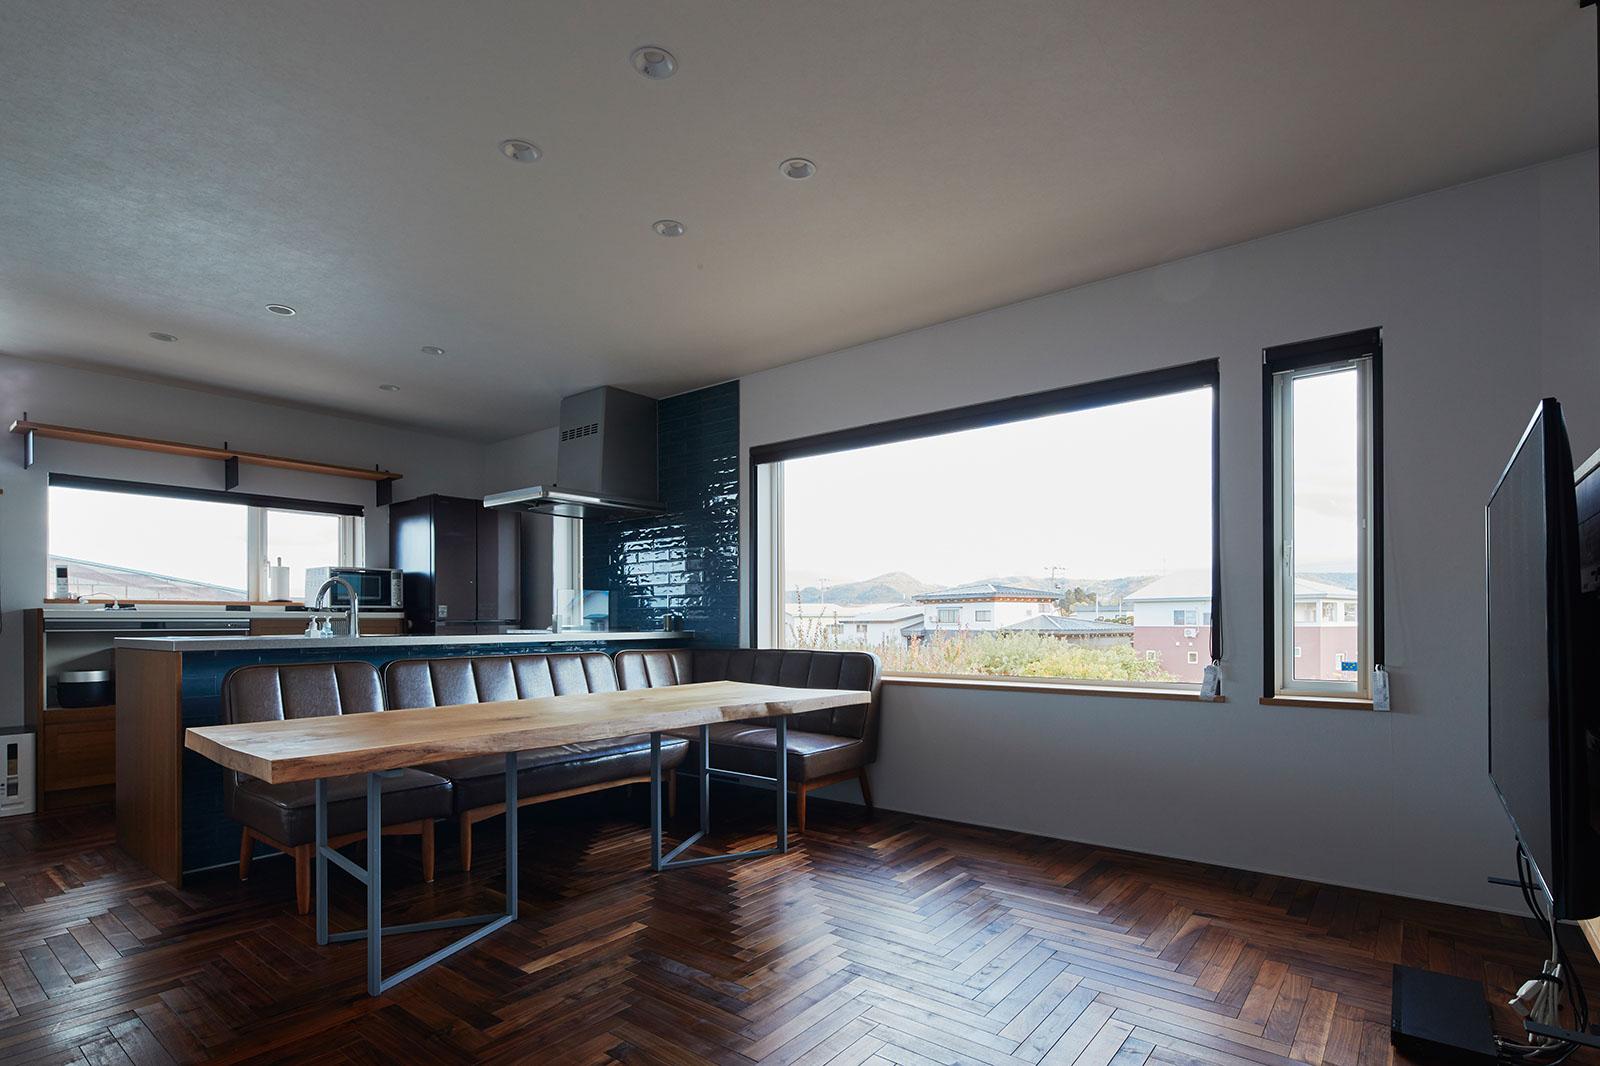 1枚板のテーブルに大きな窓。キッチン奥の窓からも陽が射して明るい2階の子世帯のリビング